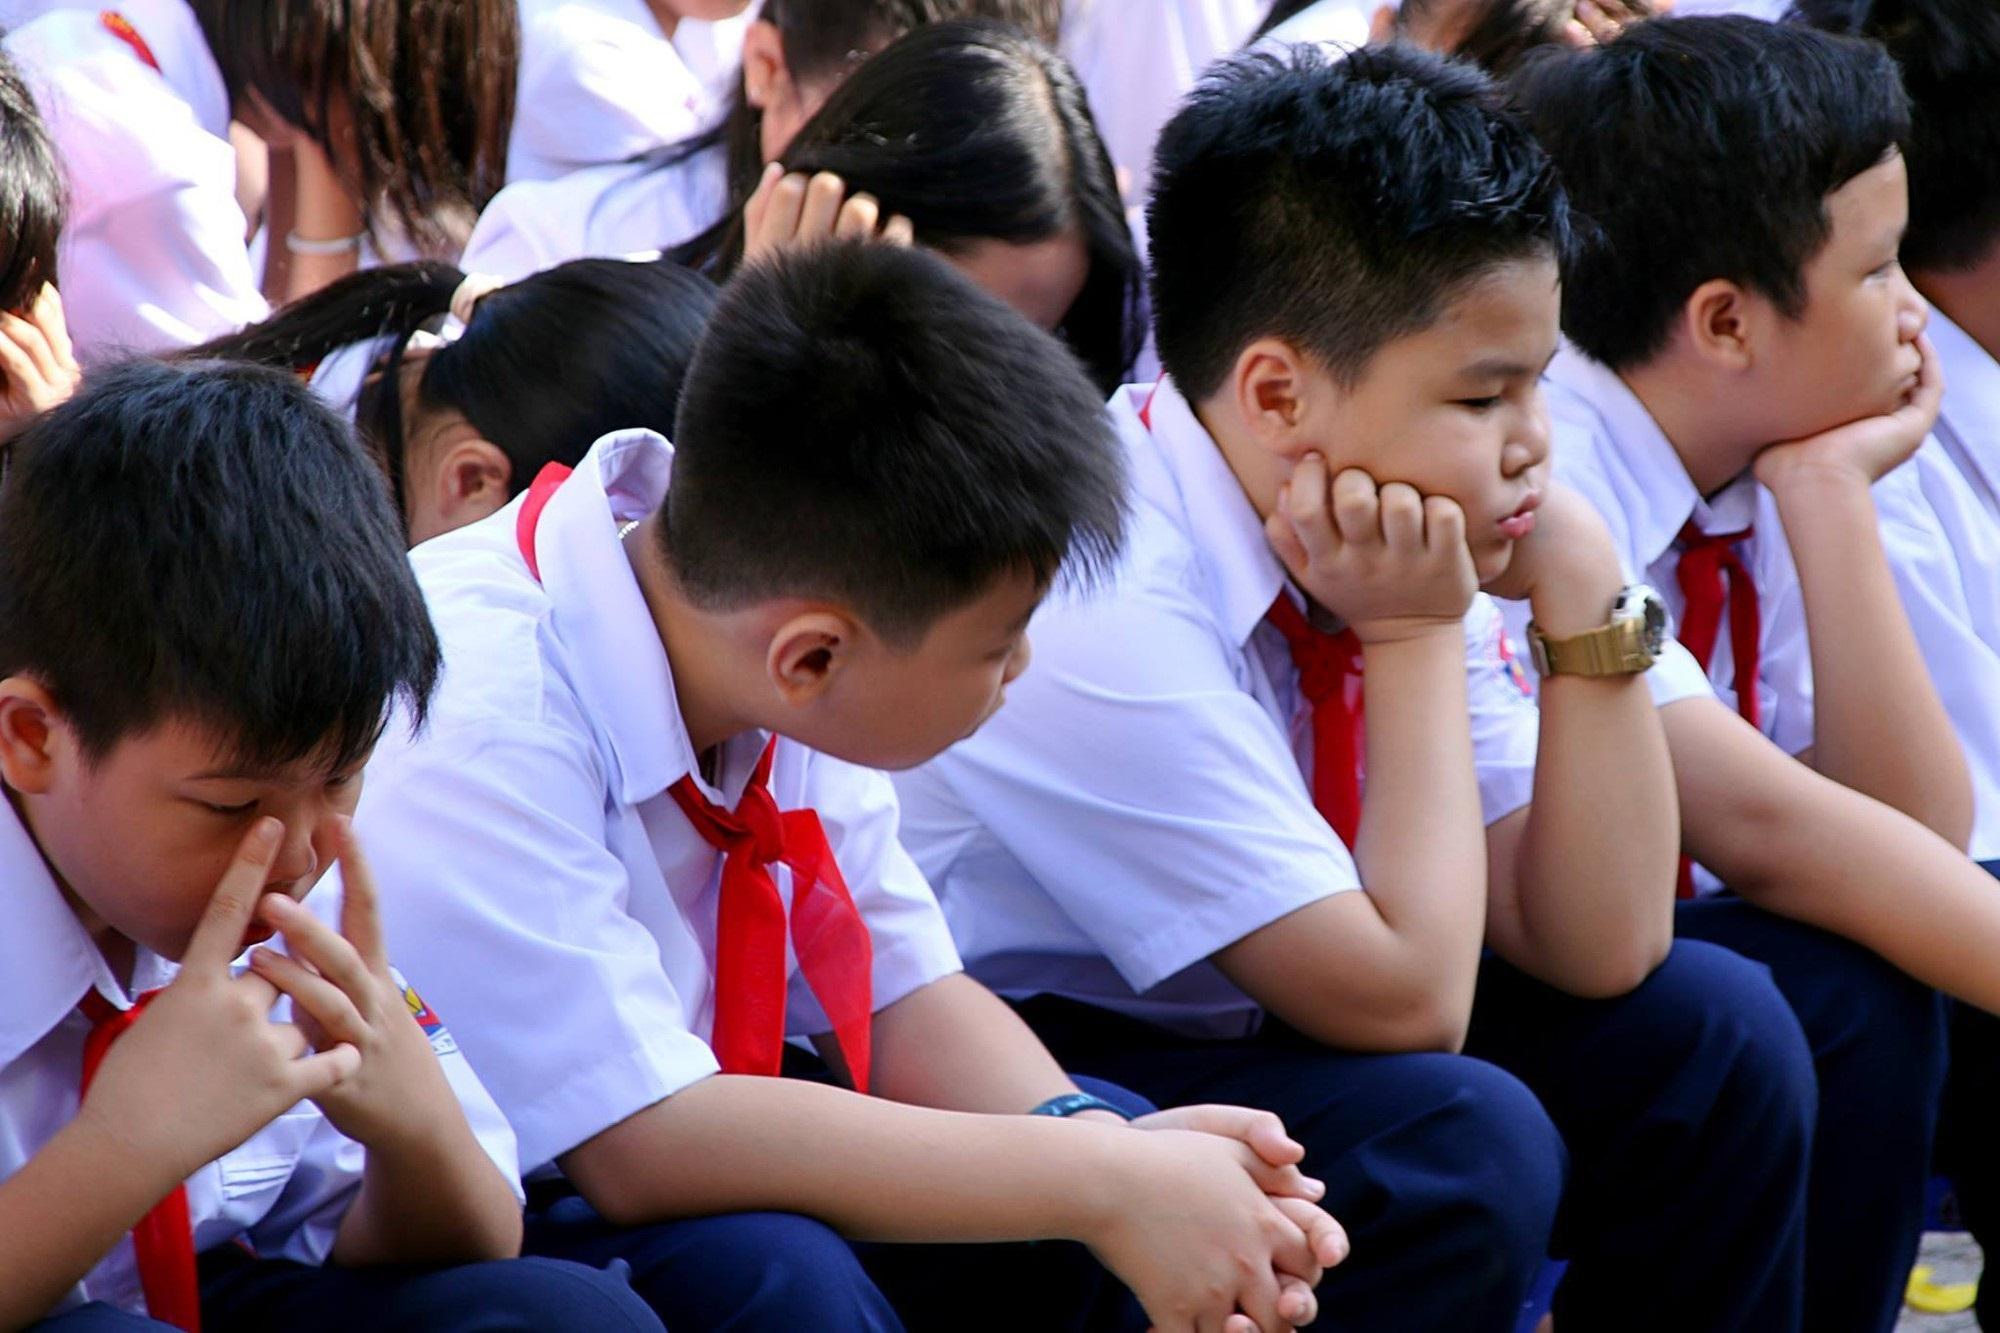 Chùm ảnh: Giọt nước mắt bỡ ngỡ và những biểu cảm khó đỡ của các em nhỏ trong ngày khai giảng - Ảnh 8